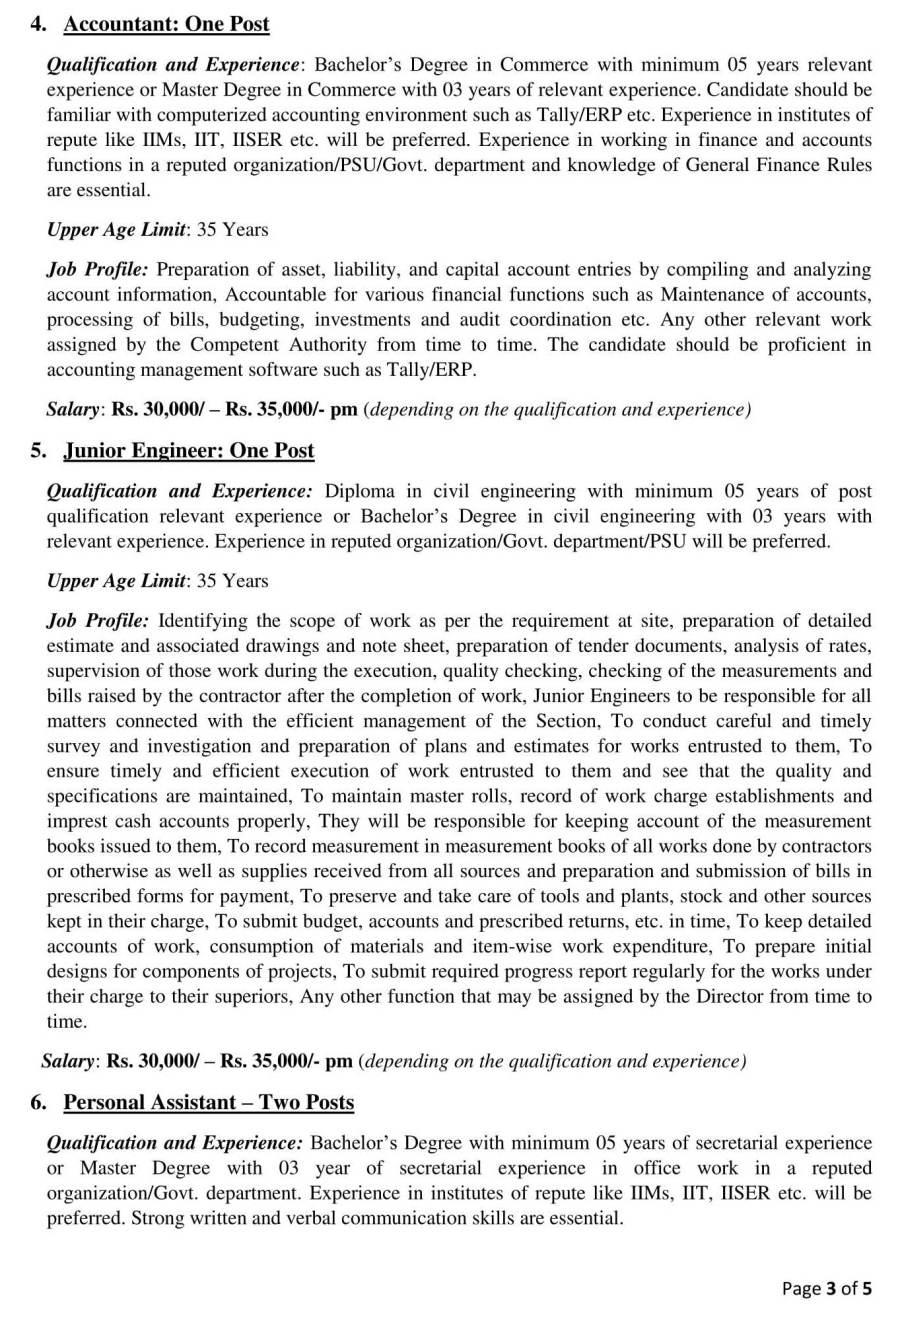 IIM_Sambalpur_Recruitment-DetailedAdvertisement-3.jpg